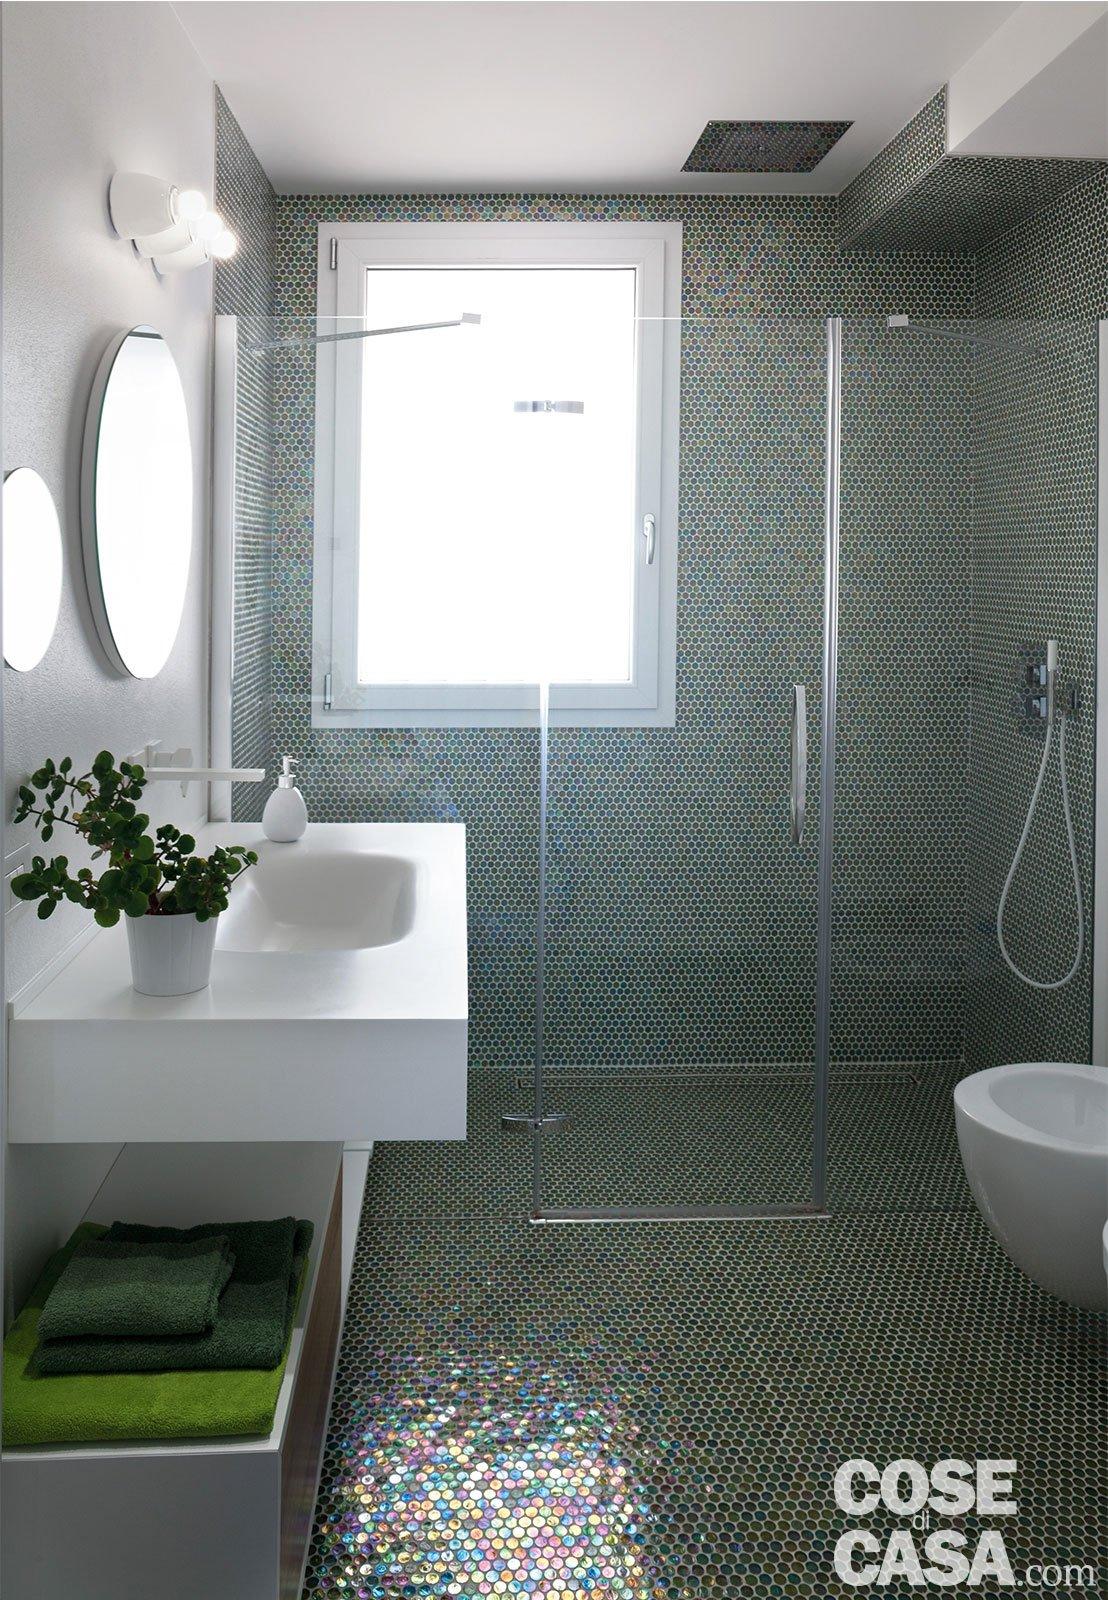 Piastrelle bagno altezza 120 top altezza bagno il meglio di prima e dopo il bagnou with - Piastrelle bagno altezza 120 ...